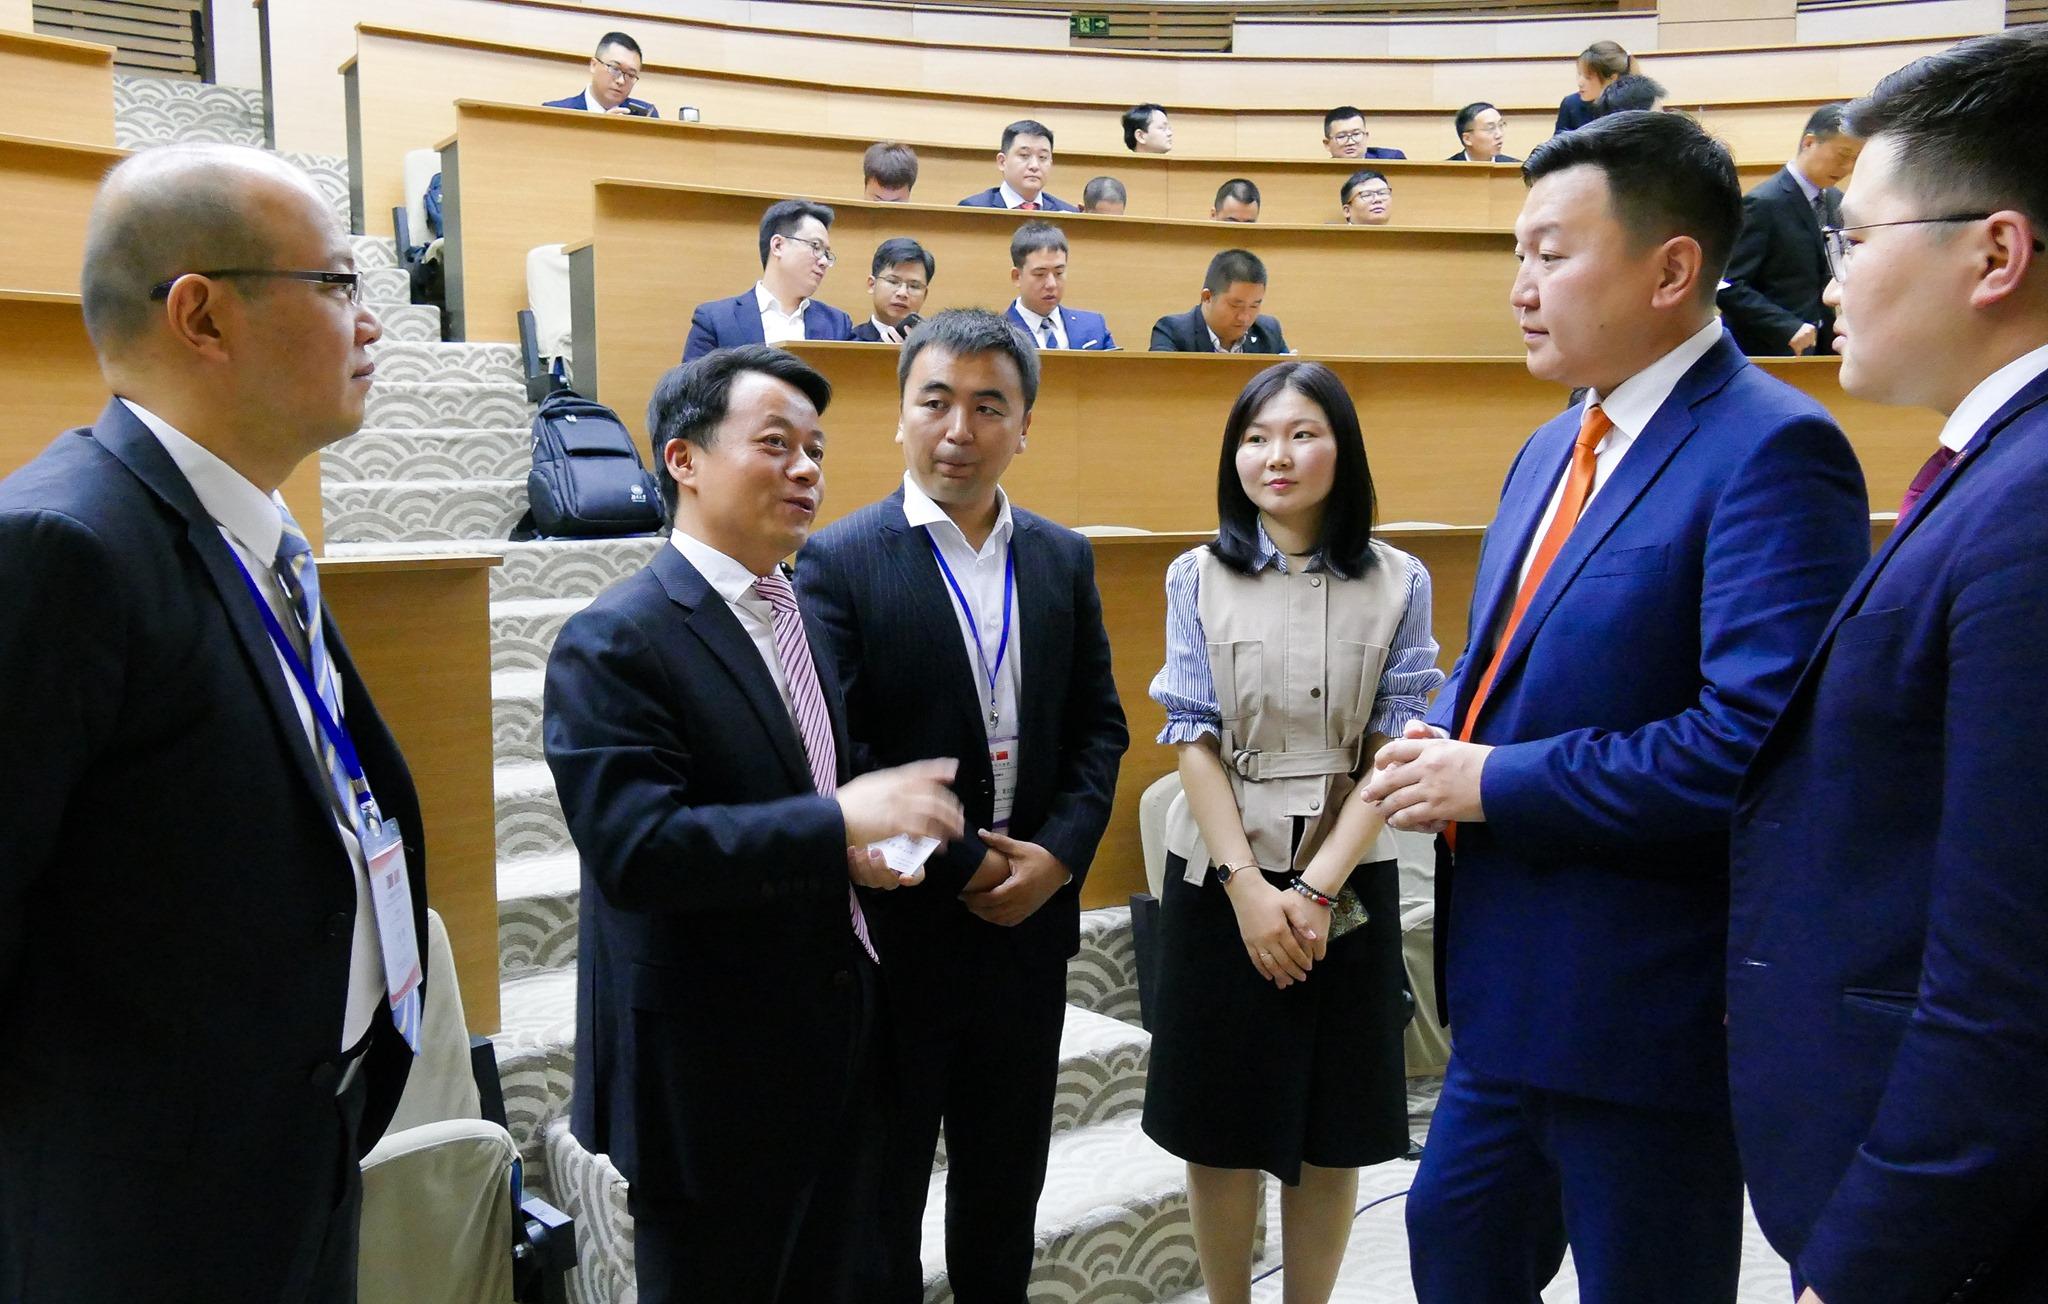 Монгол-БНХАУ-ын залуучуудын солилцооны хөтөлбөрийн талаар санал солилцлоо